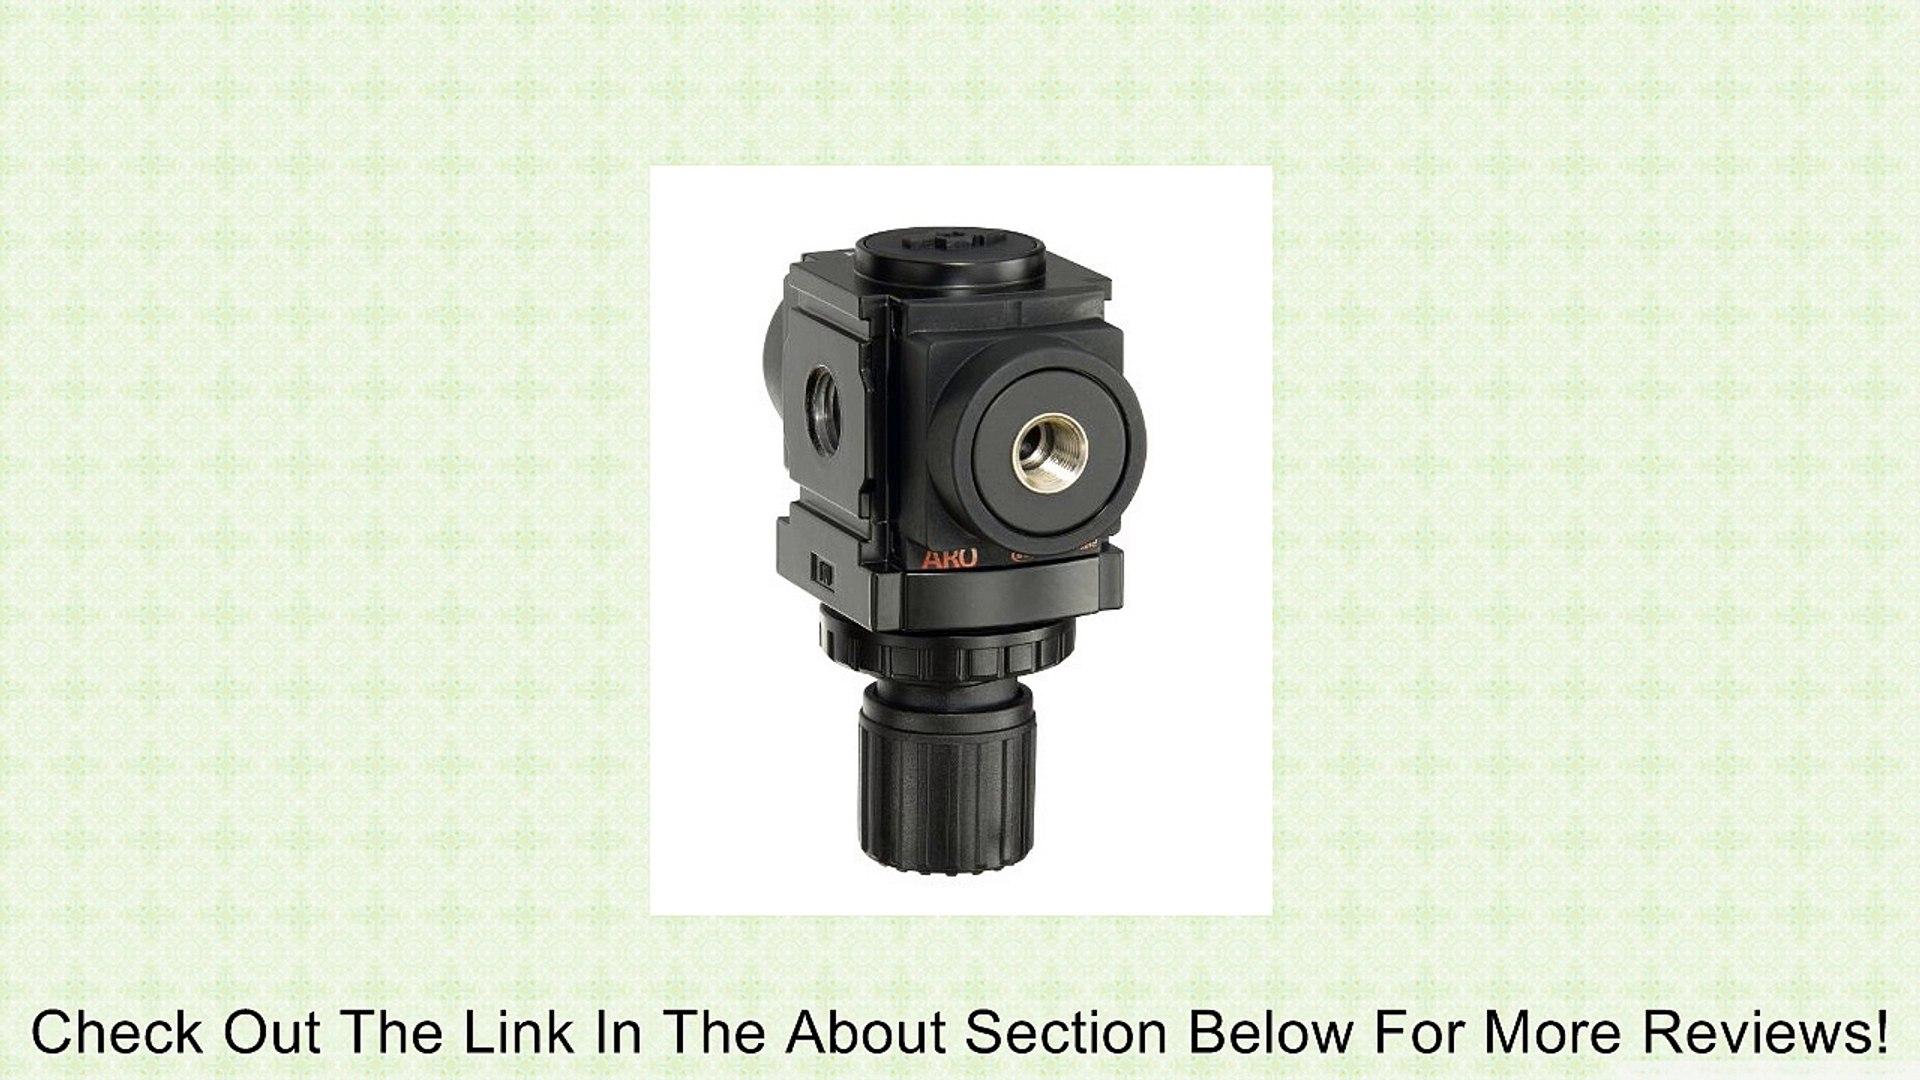 ARO R37221-100 1/2-Inch Air Regulator, Black Review